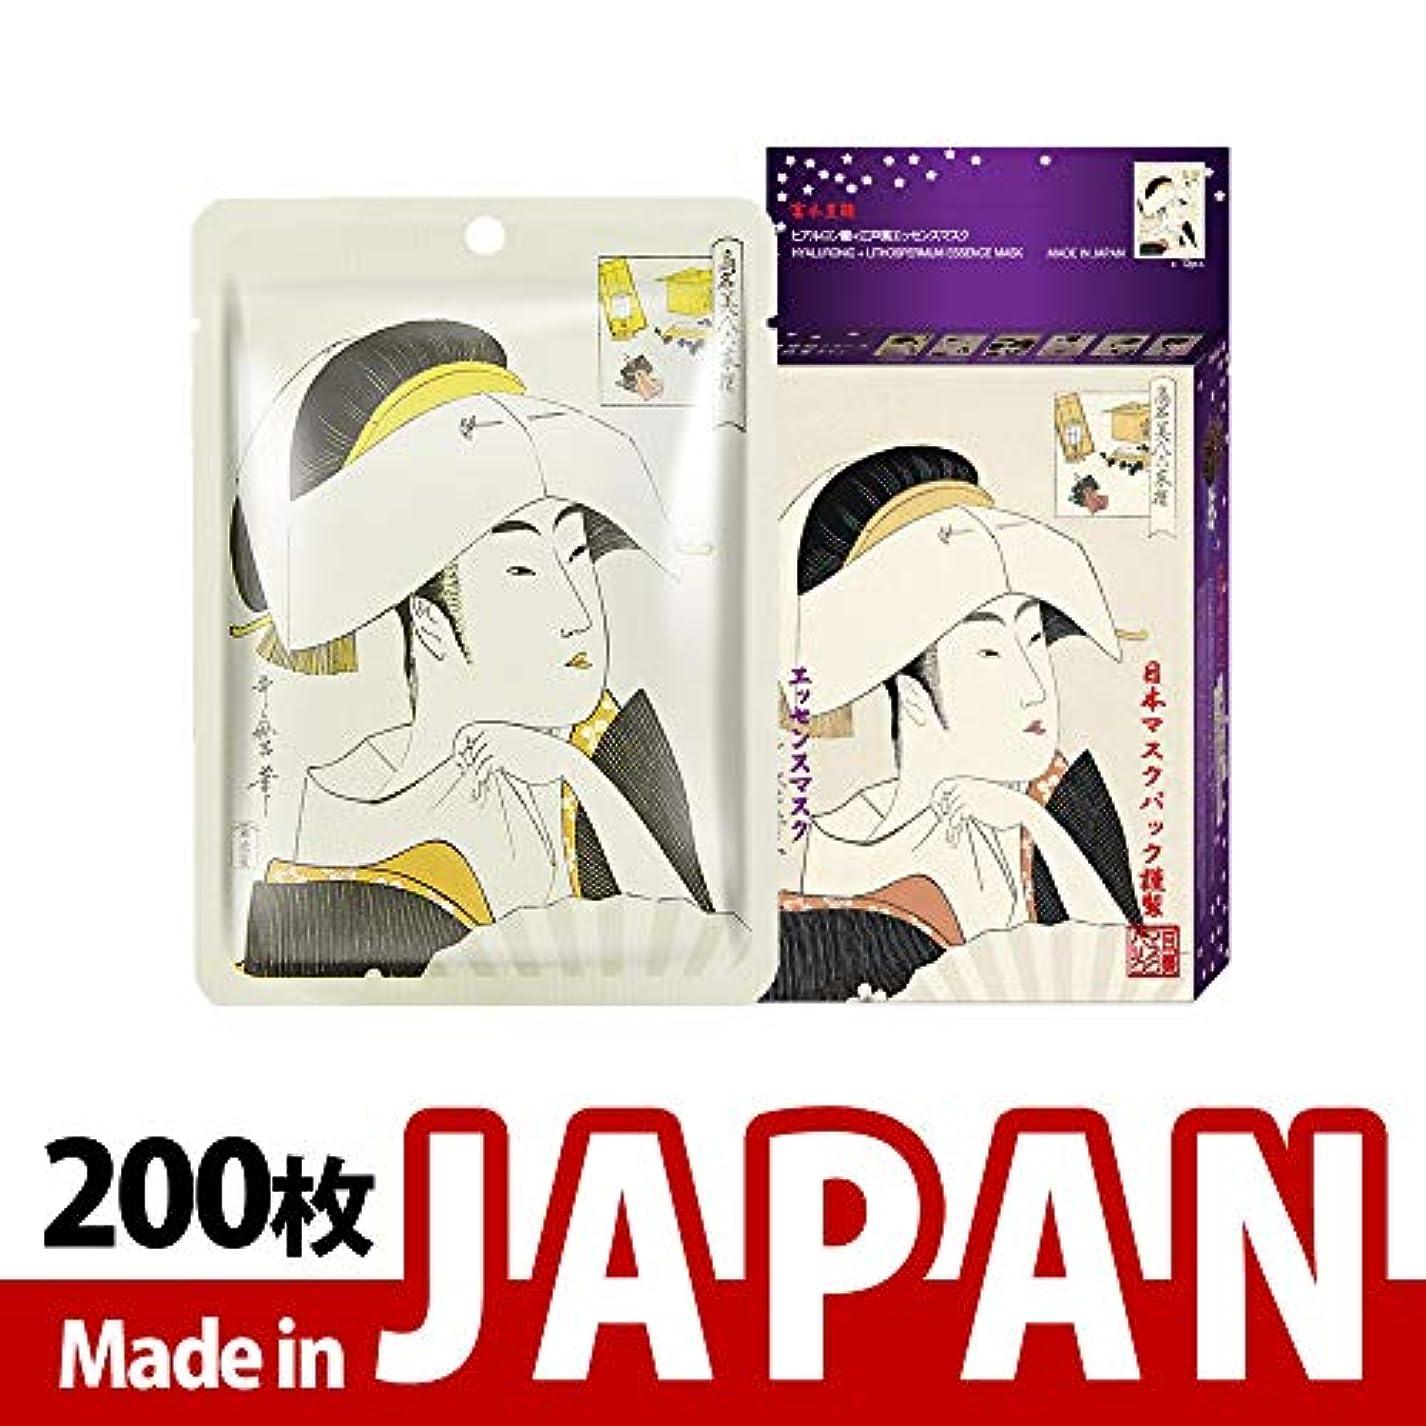 ロビーに勝るペースMITOMO【JP002-A-4】日本製シートマスク/10枚入り/200枚/美容液/マスクパック/送料無料